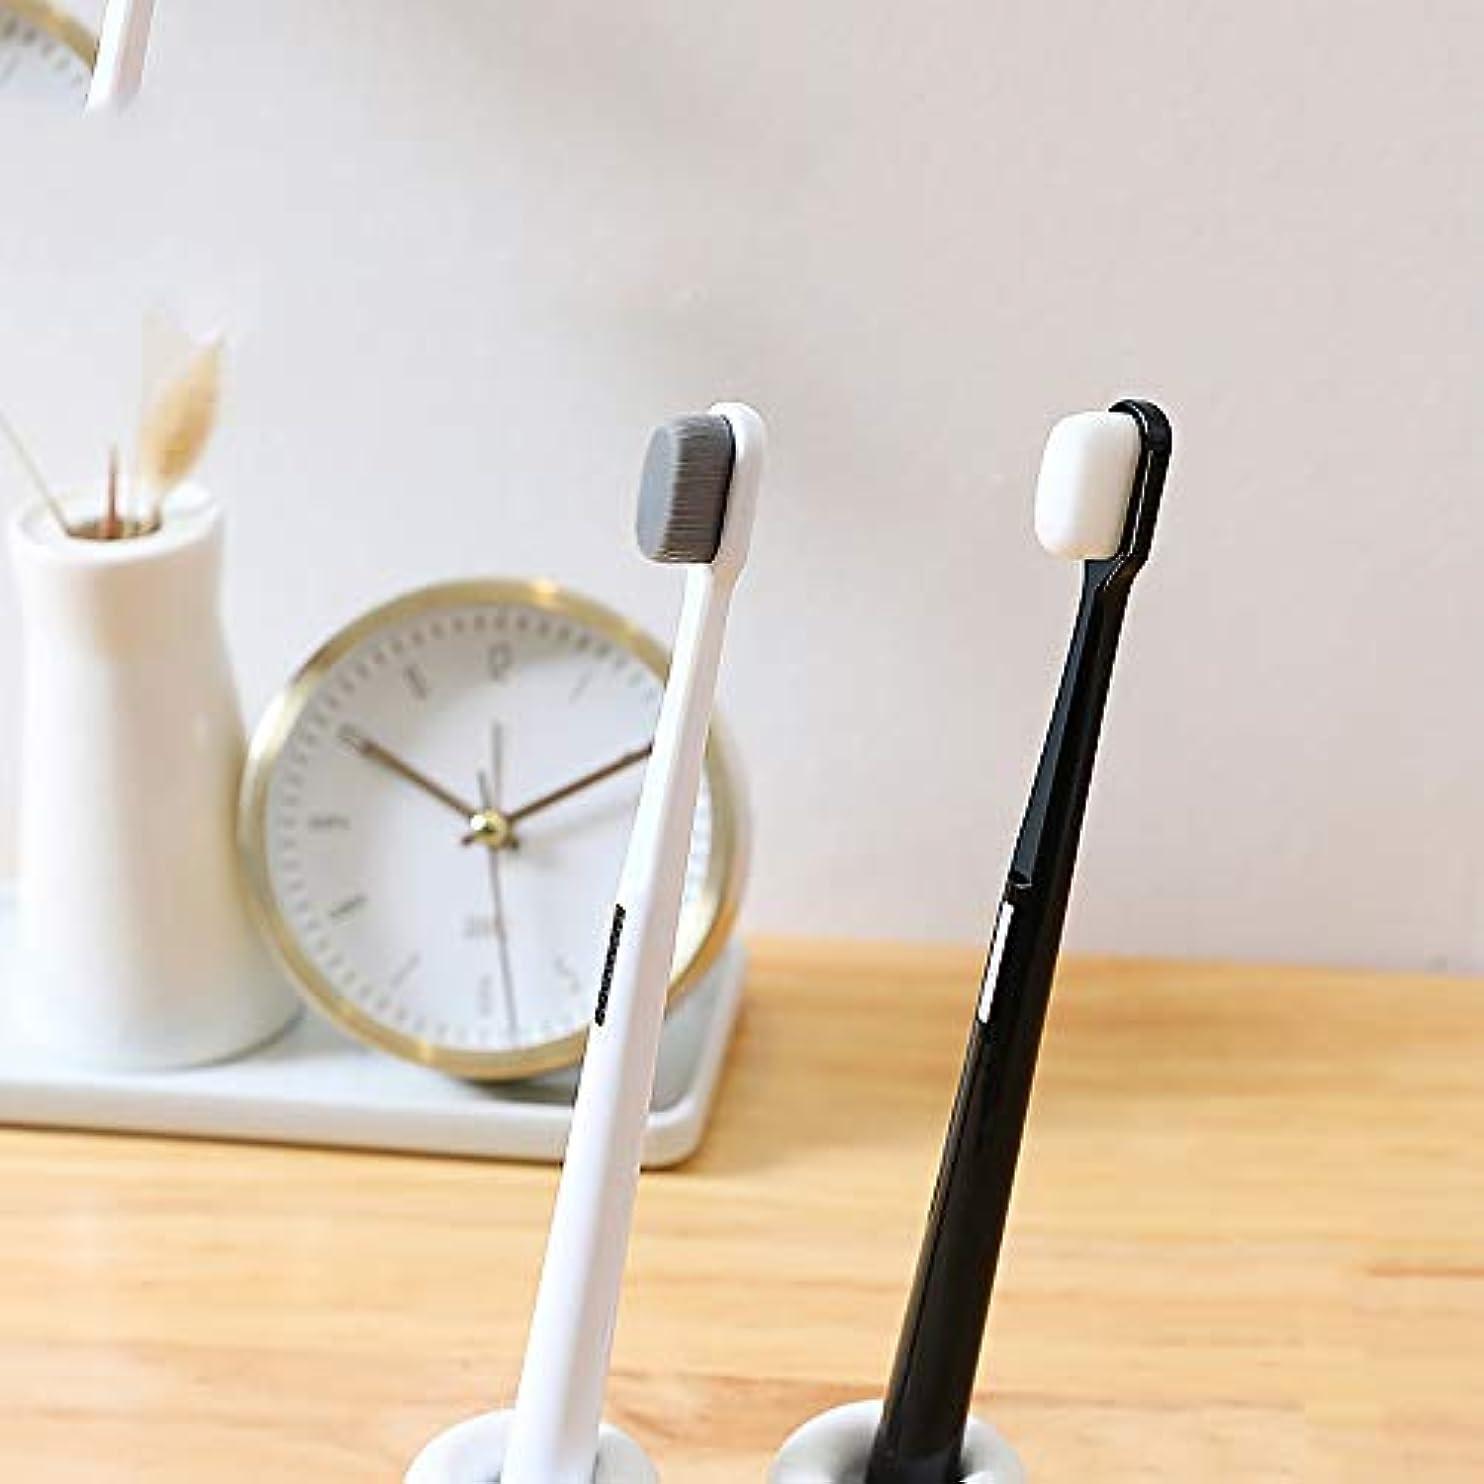 腸優先権結紮歯ブラシ 2本の歯ブラシ、黒と白の柔らかい歯ブラシ、ナノ小さなブラシヘッド歯ブラシ、バルク歯ブラシ、 HL (サイズ : 2 packs)